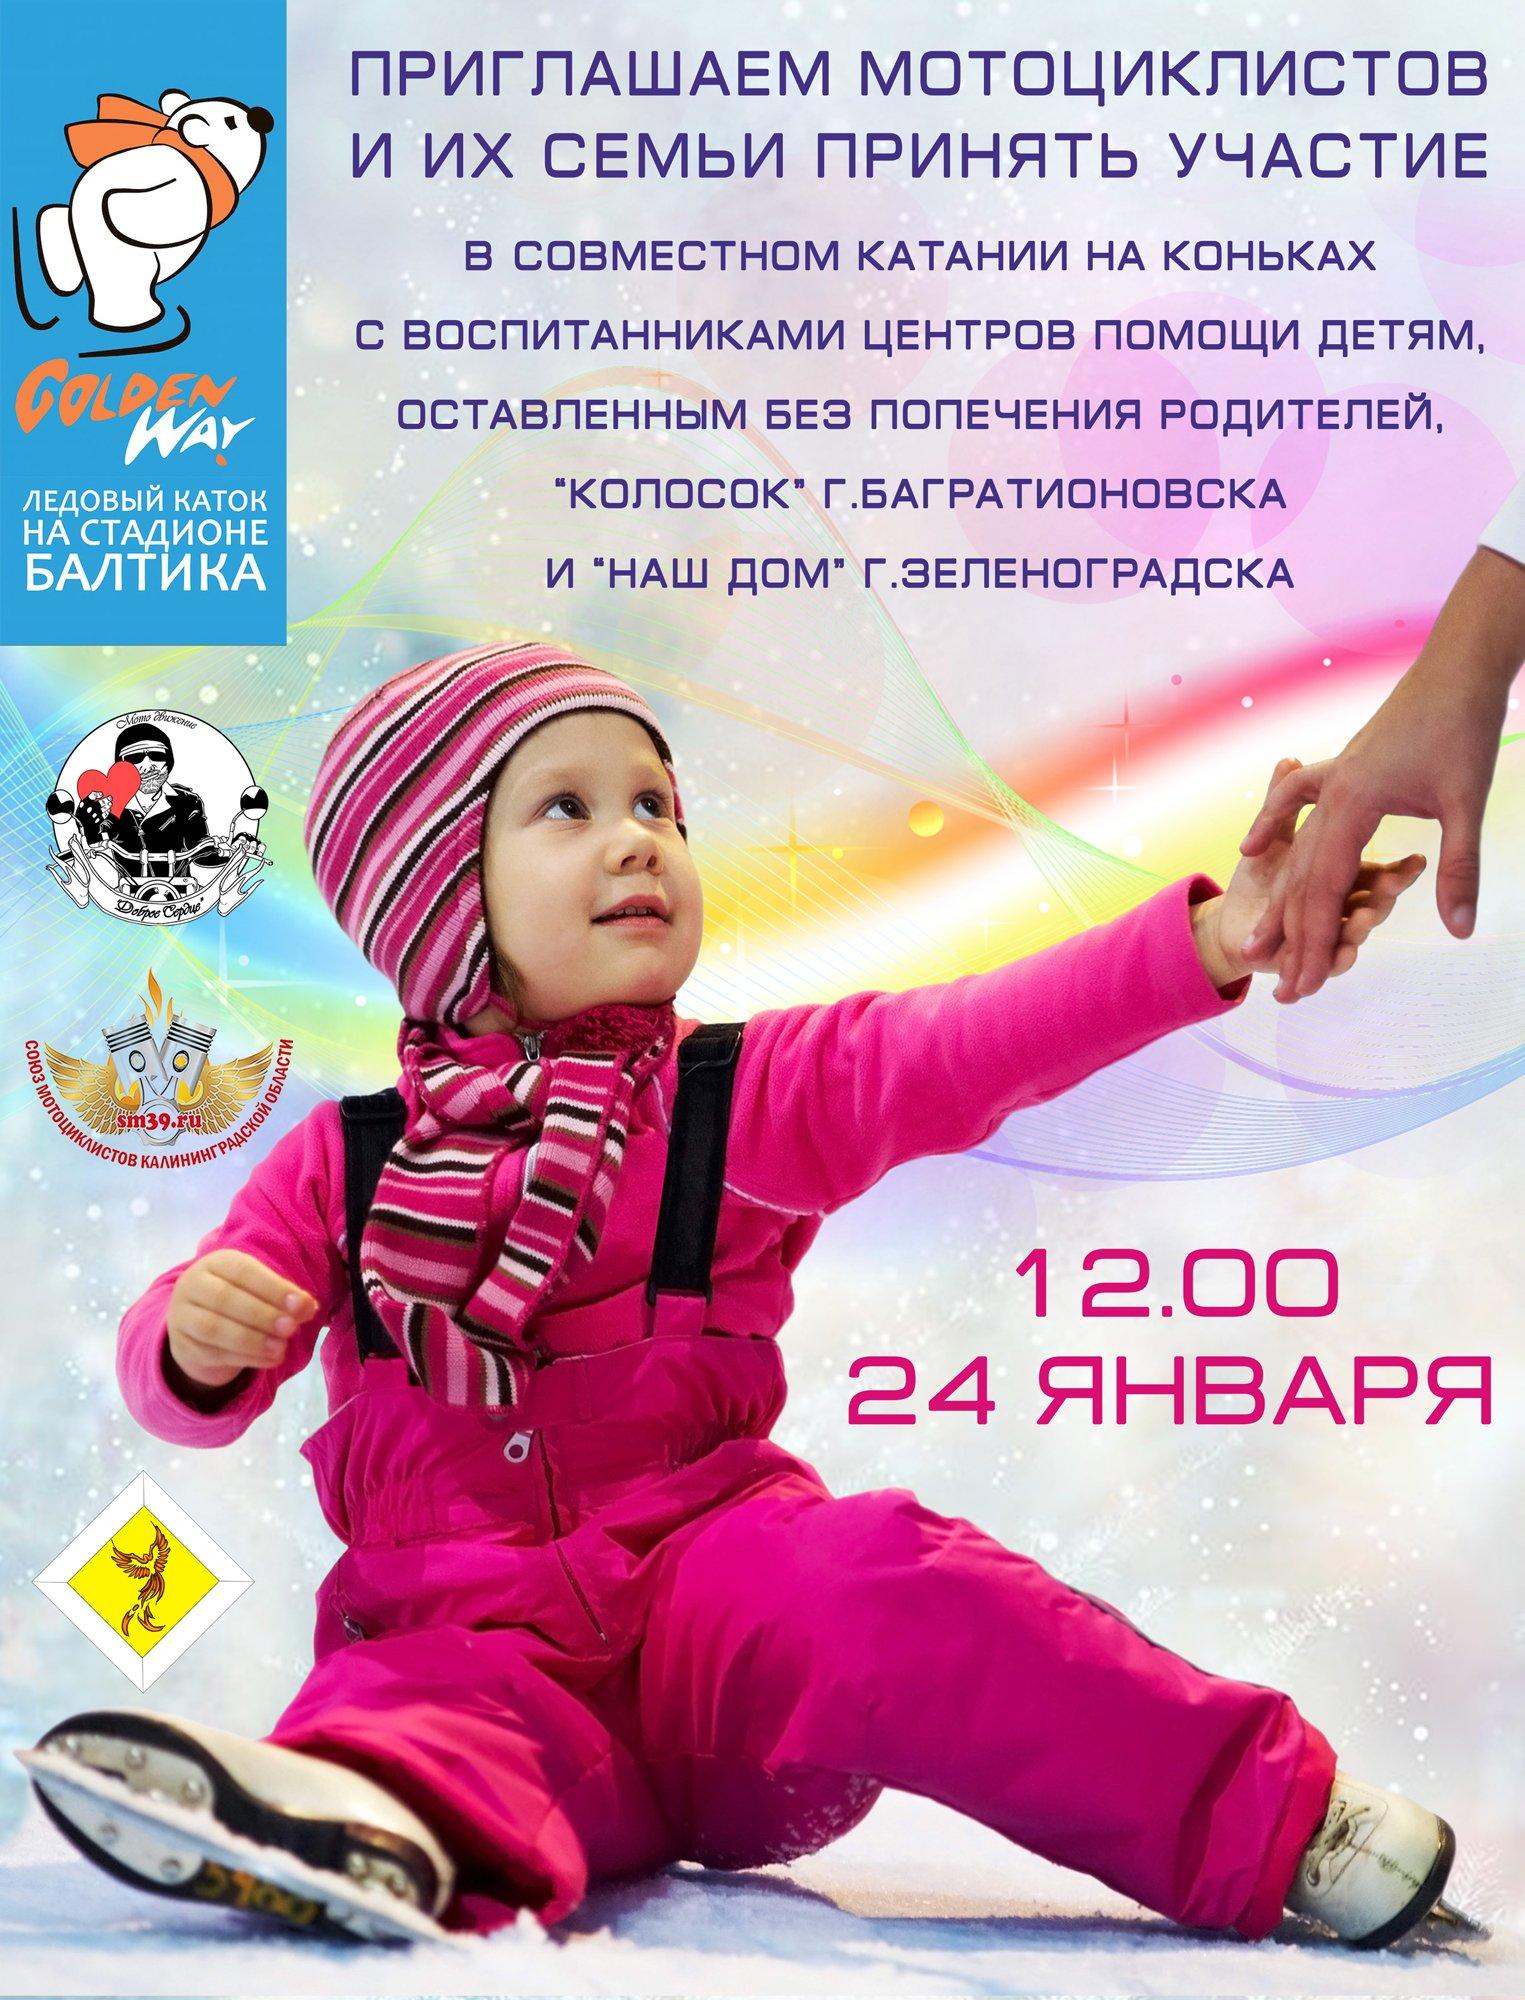 24 января. Совместные катания на коньках с детьми из подшефных детских домов